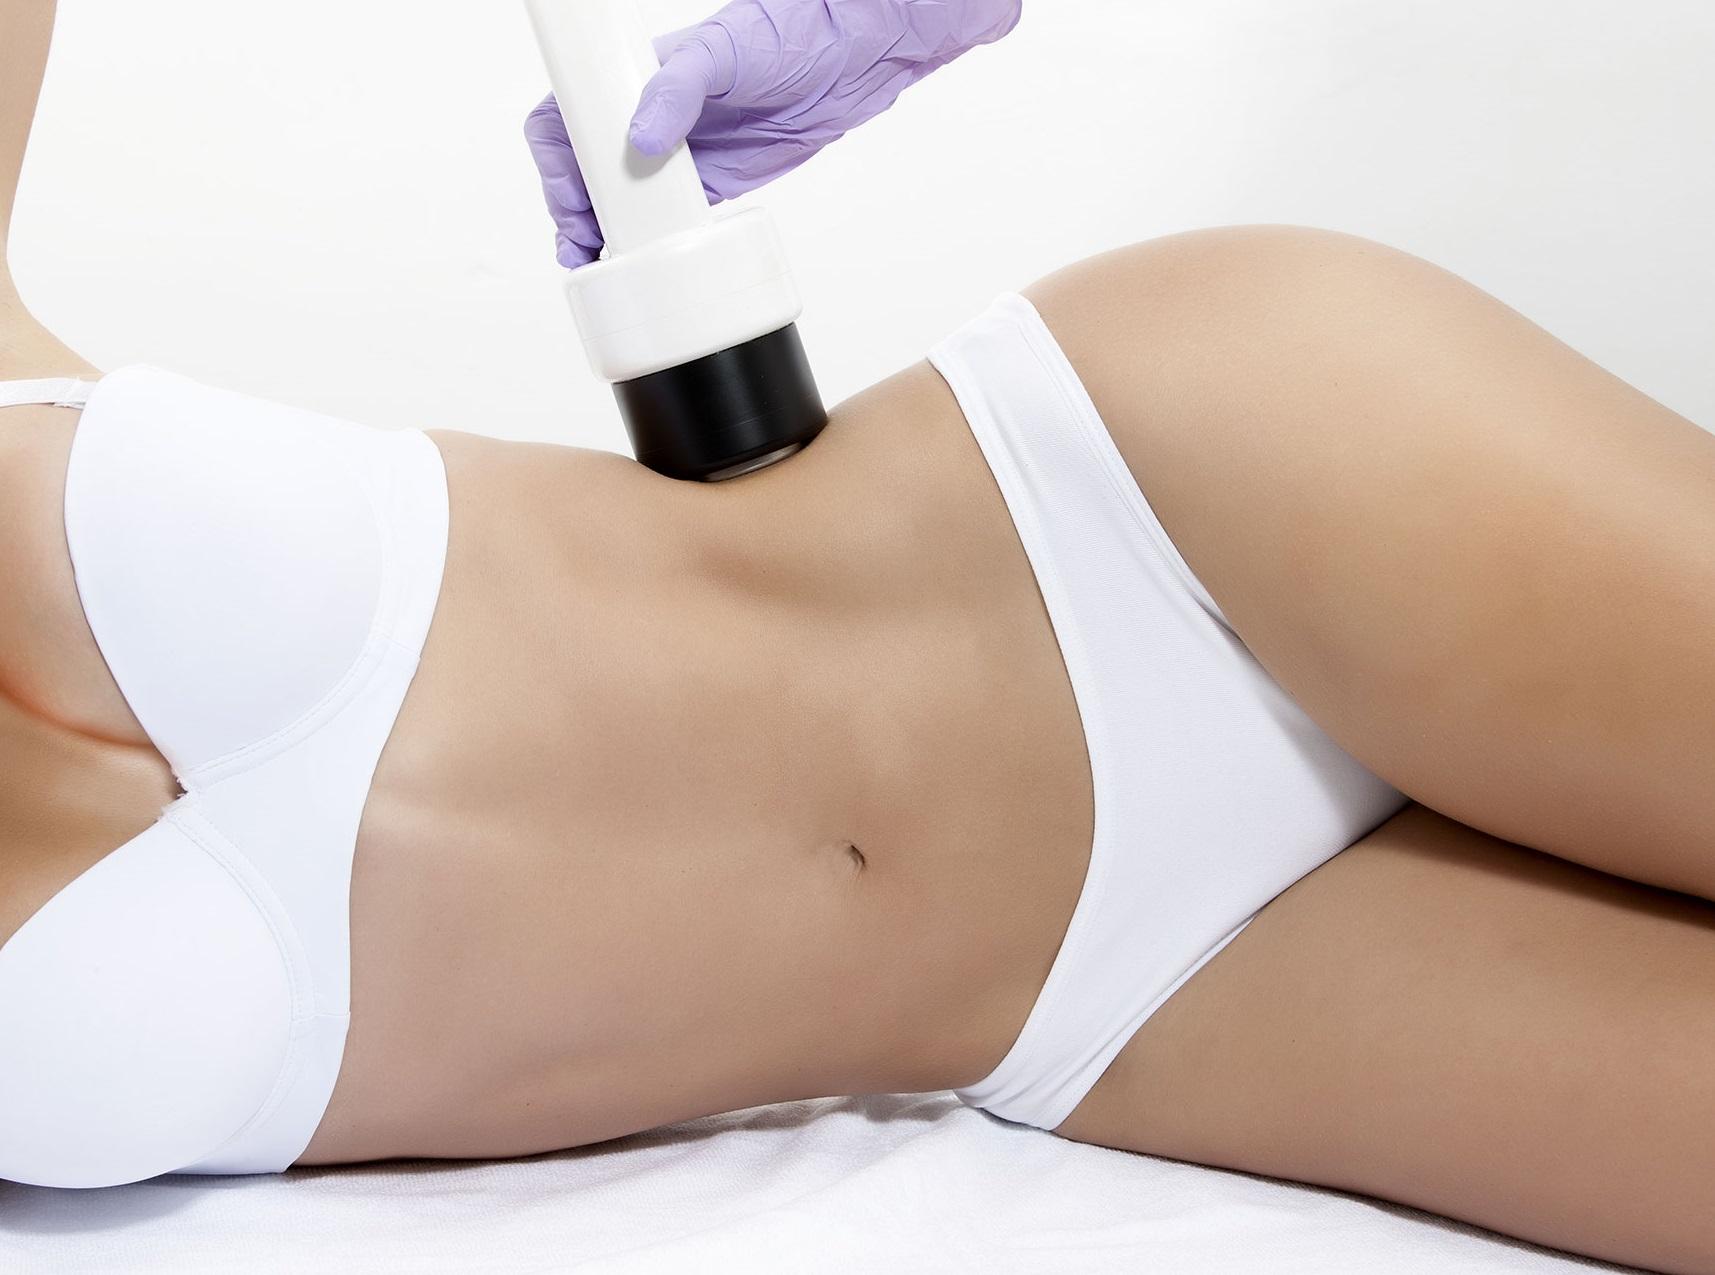 cavitacion entre los tratamientos corporales para eliminar grasa